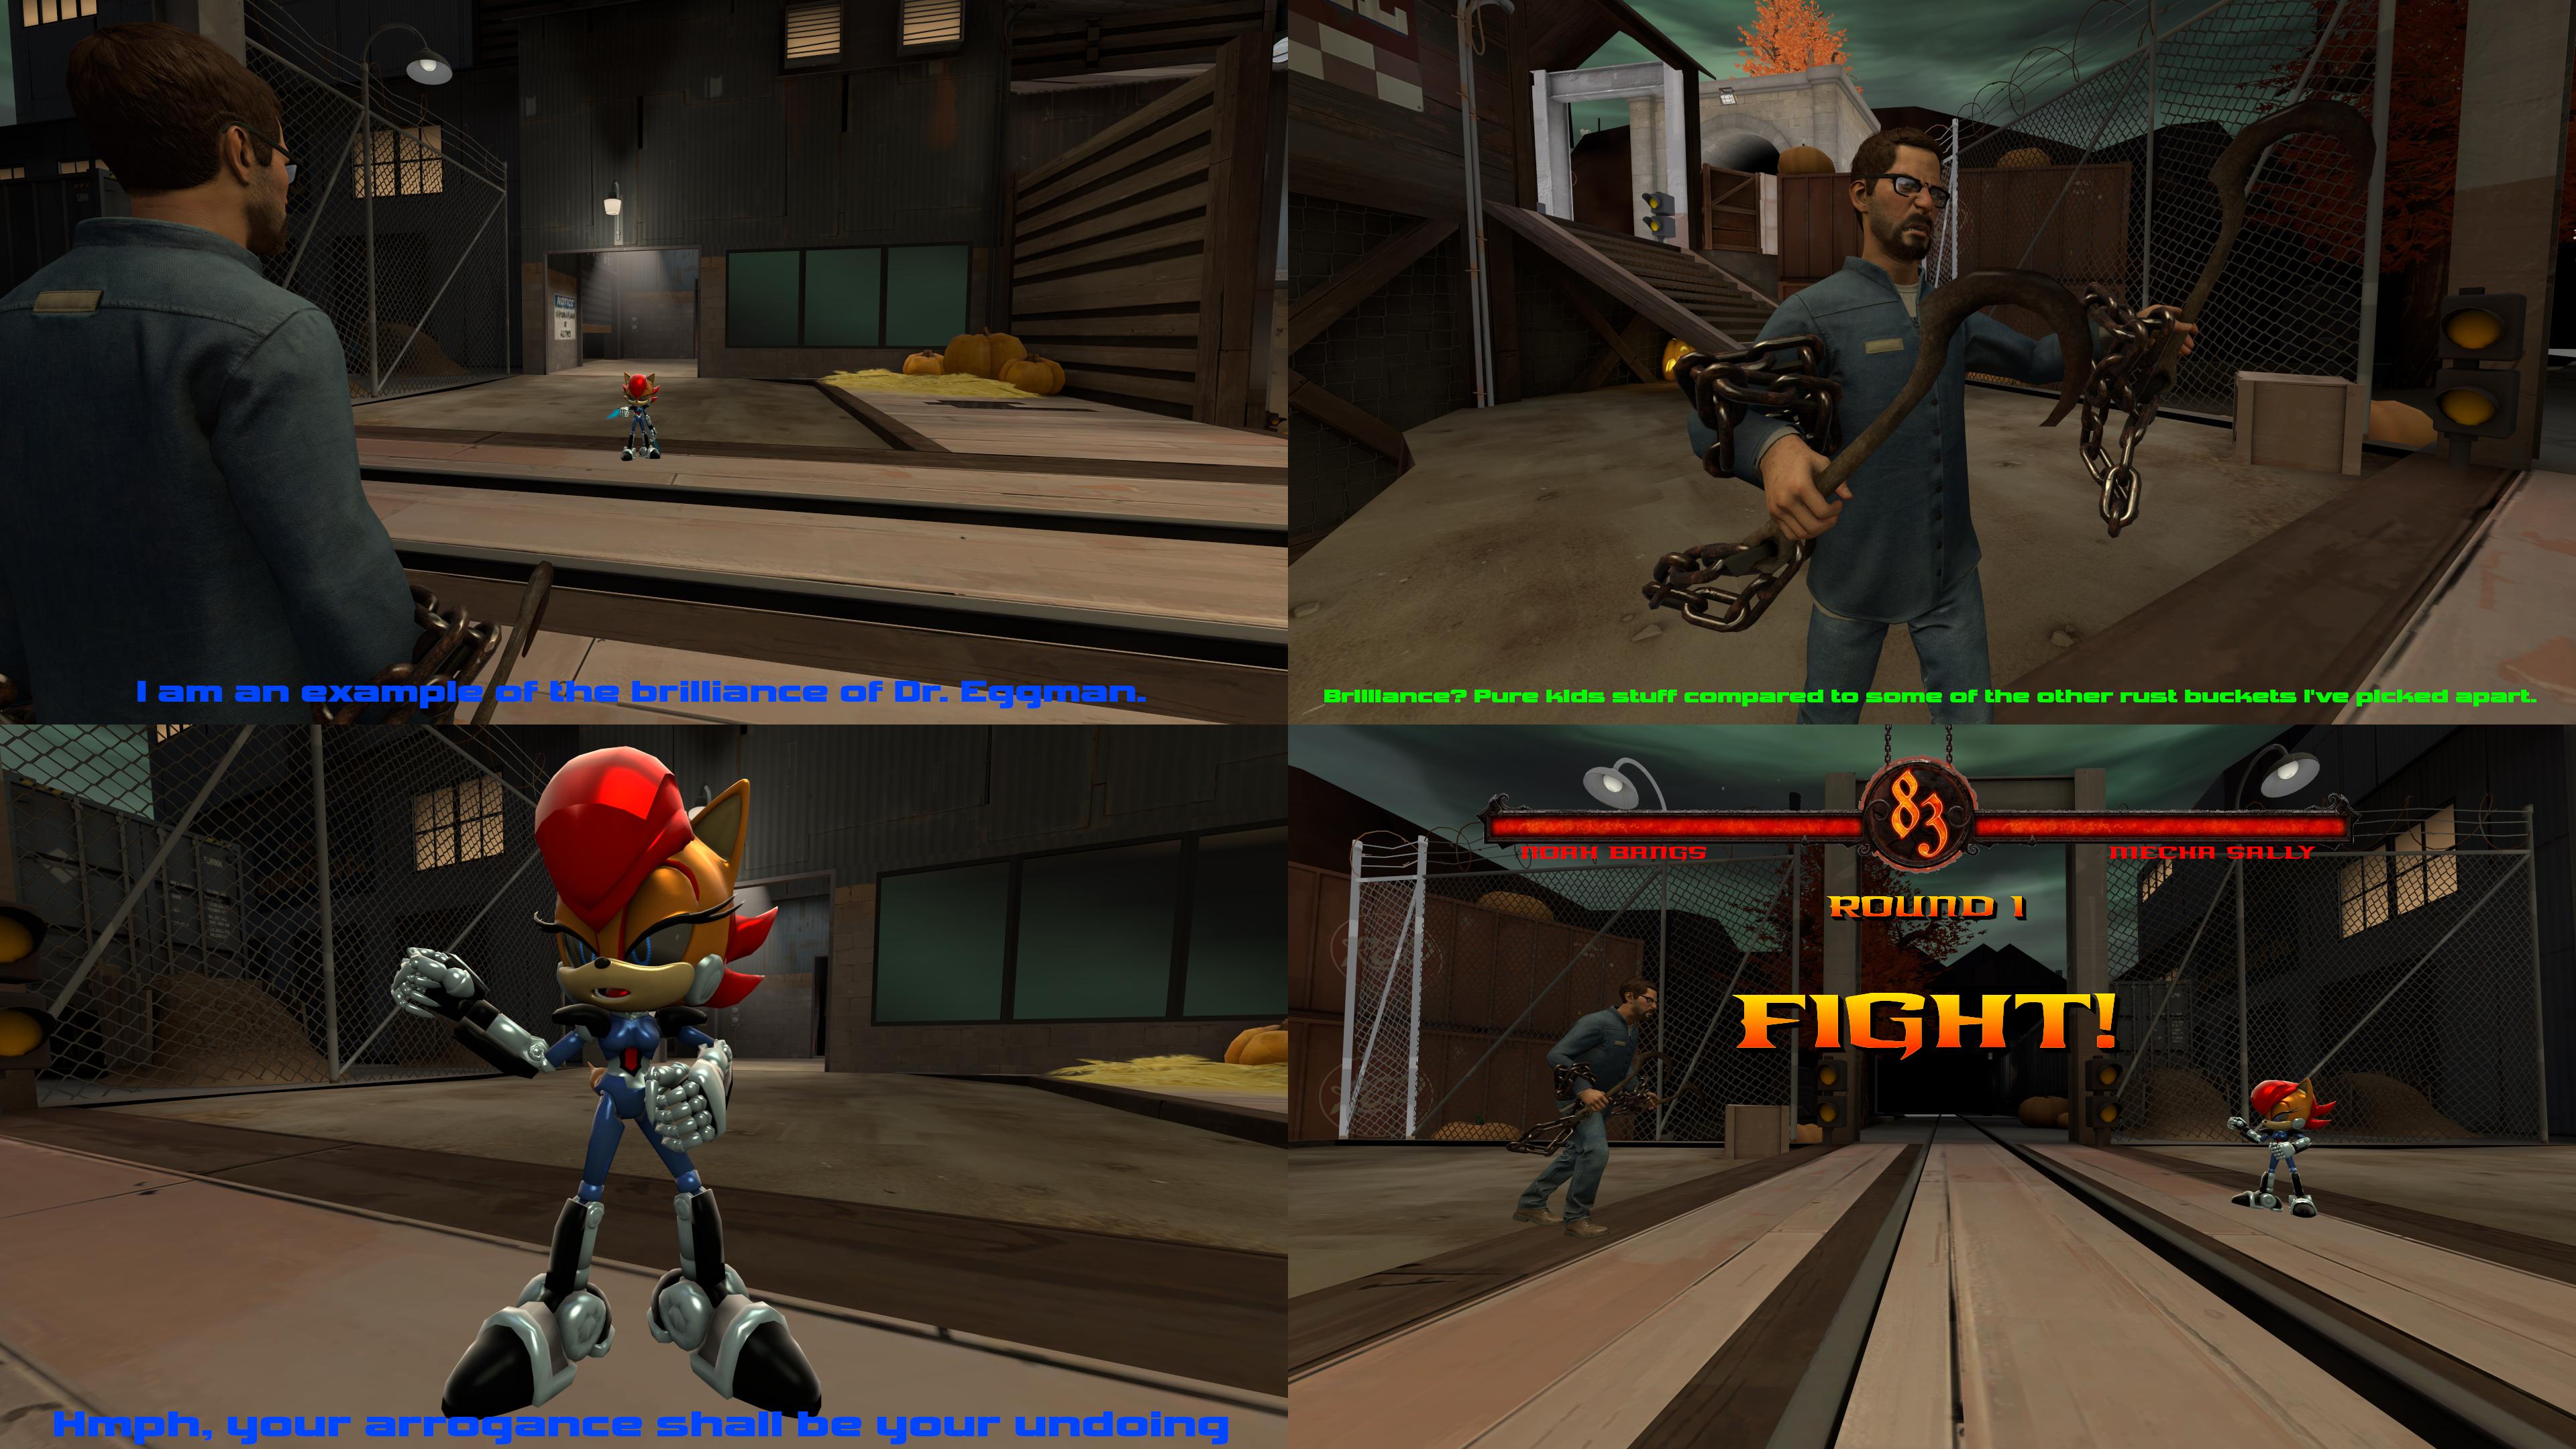 Mortal Kombat - Noah VS. Mecha Sally